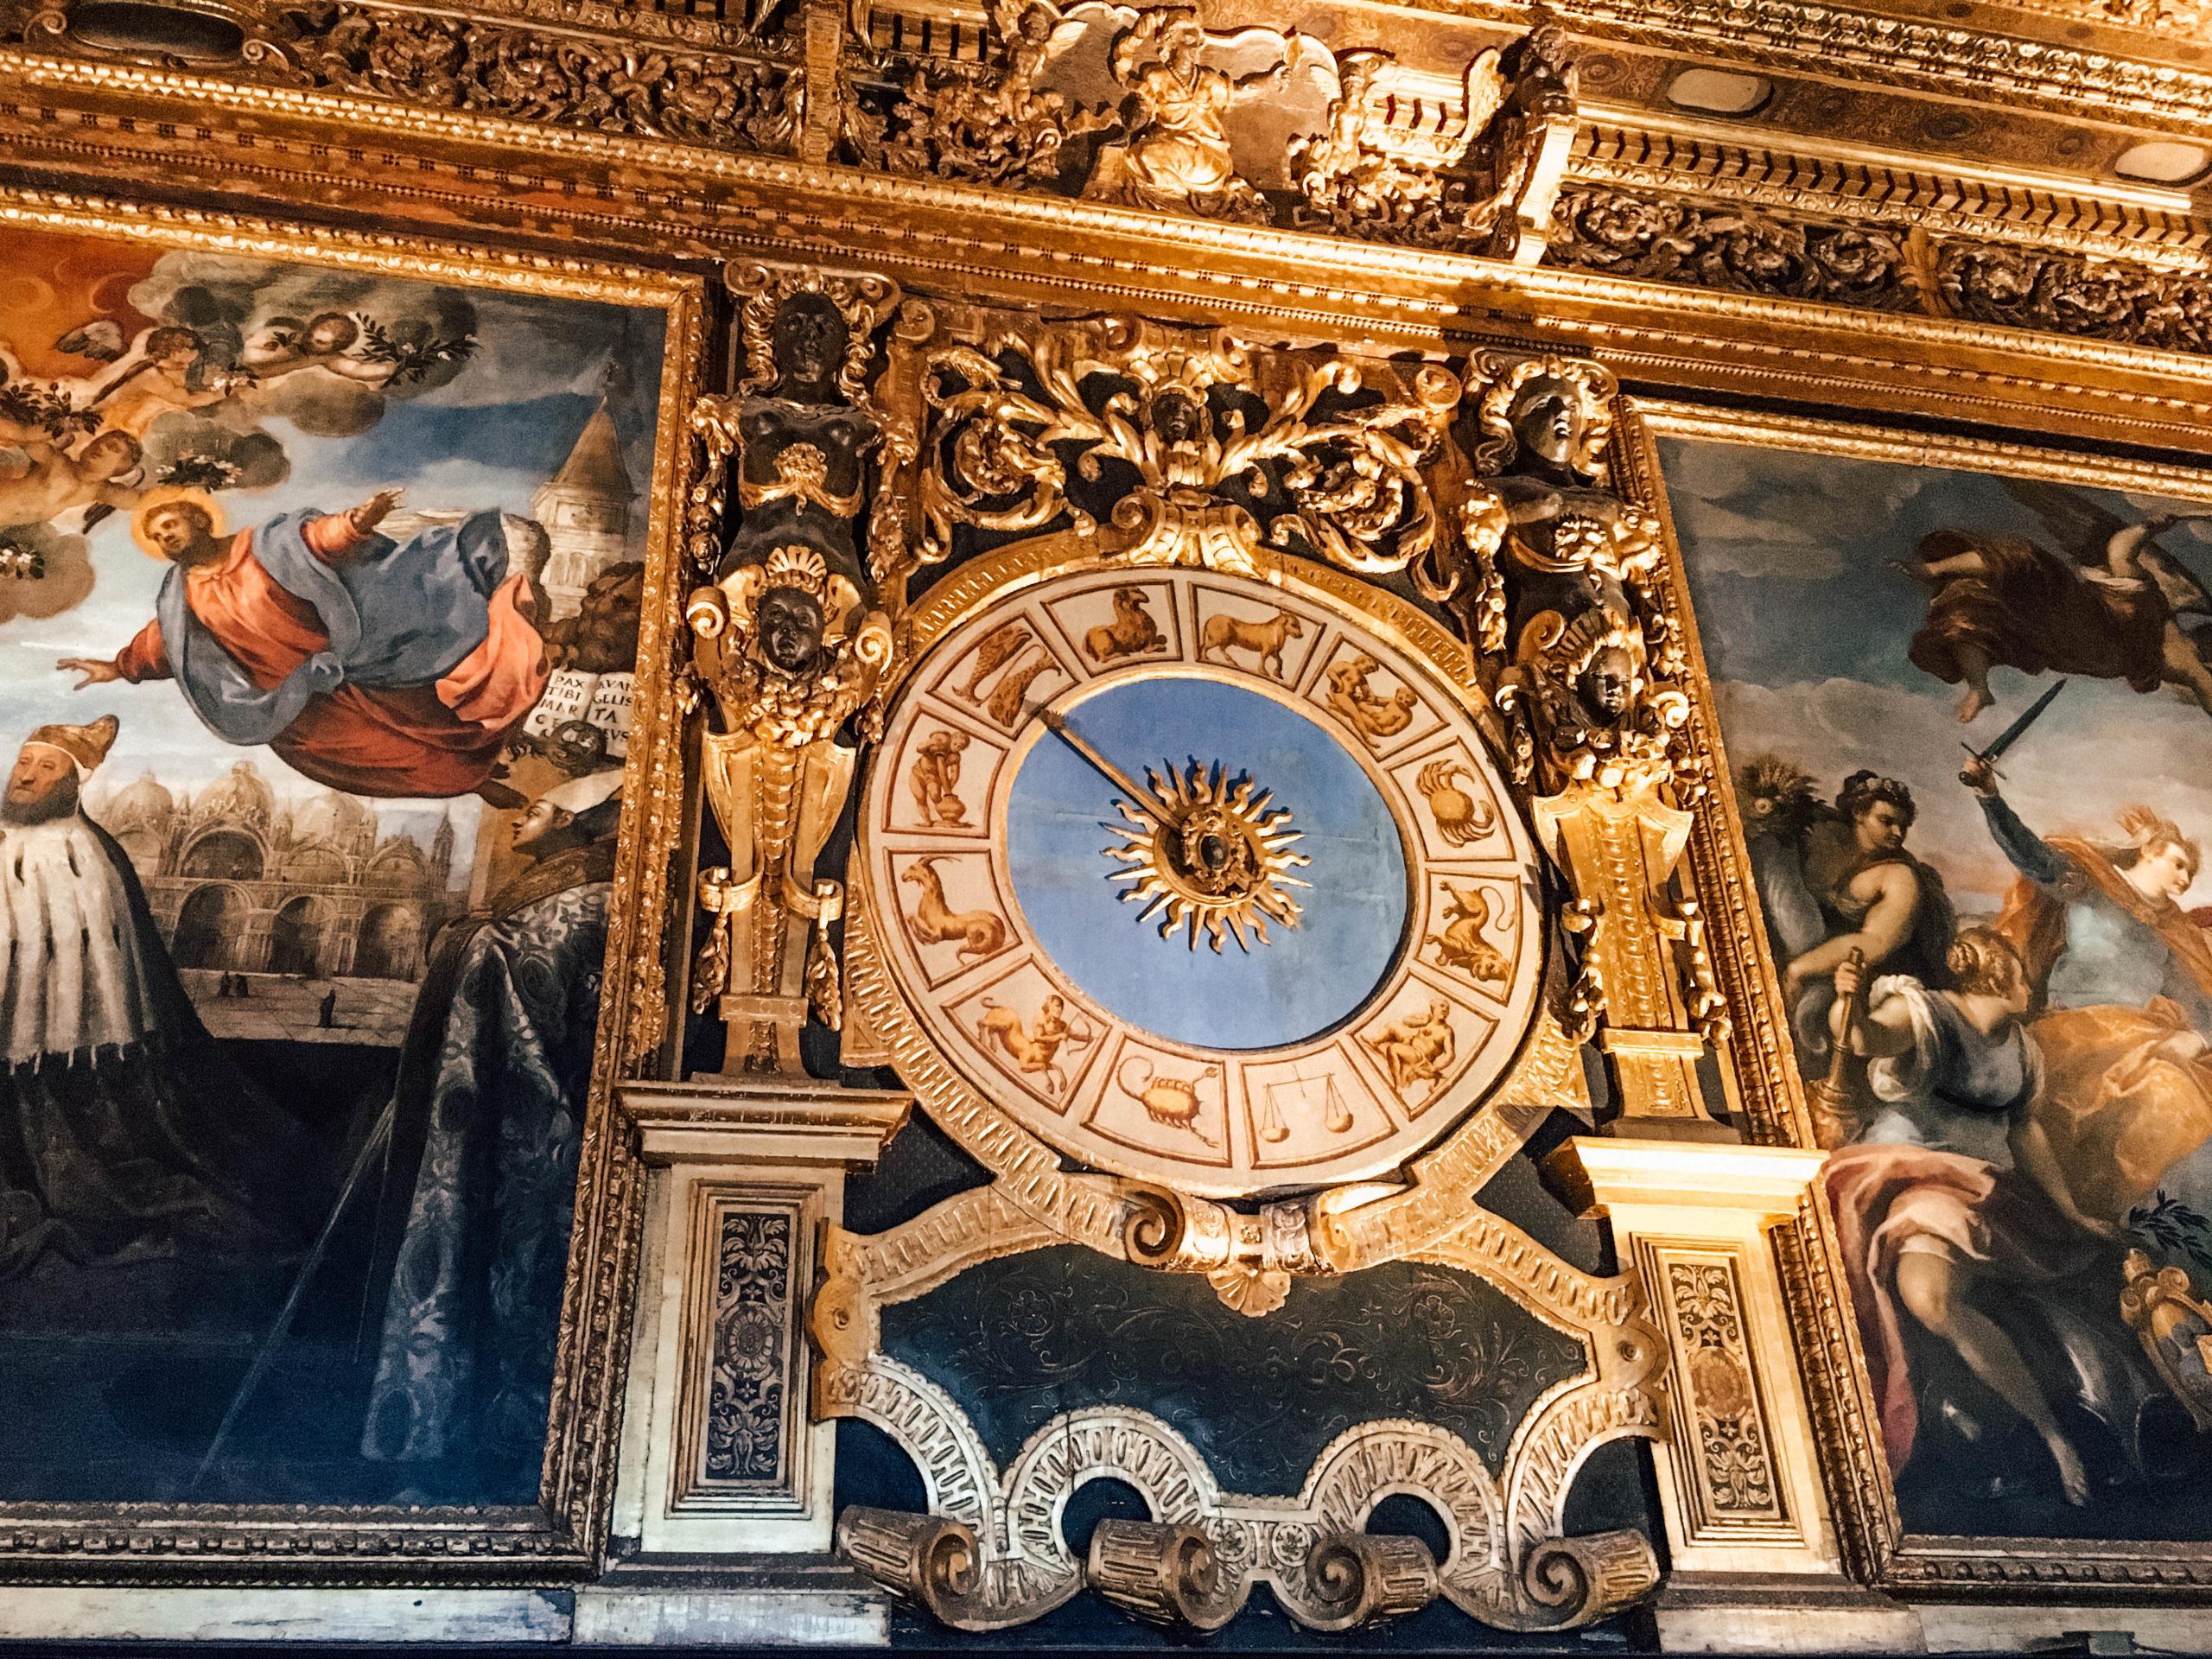 Des dorures et des peintures magnifiques dans les pièces du pouvoir